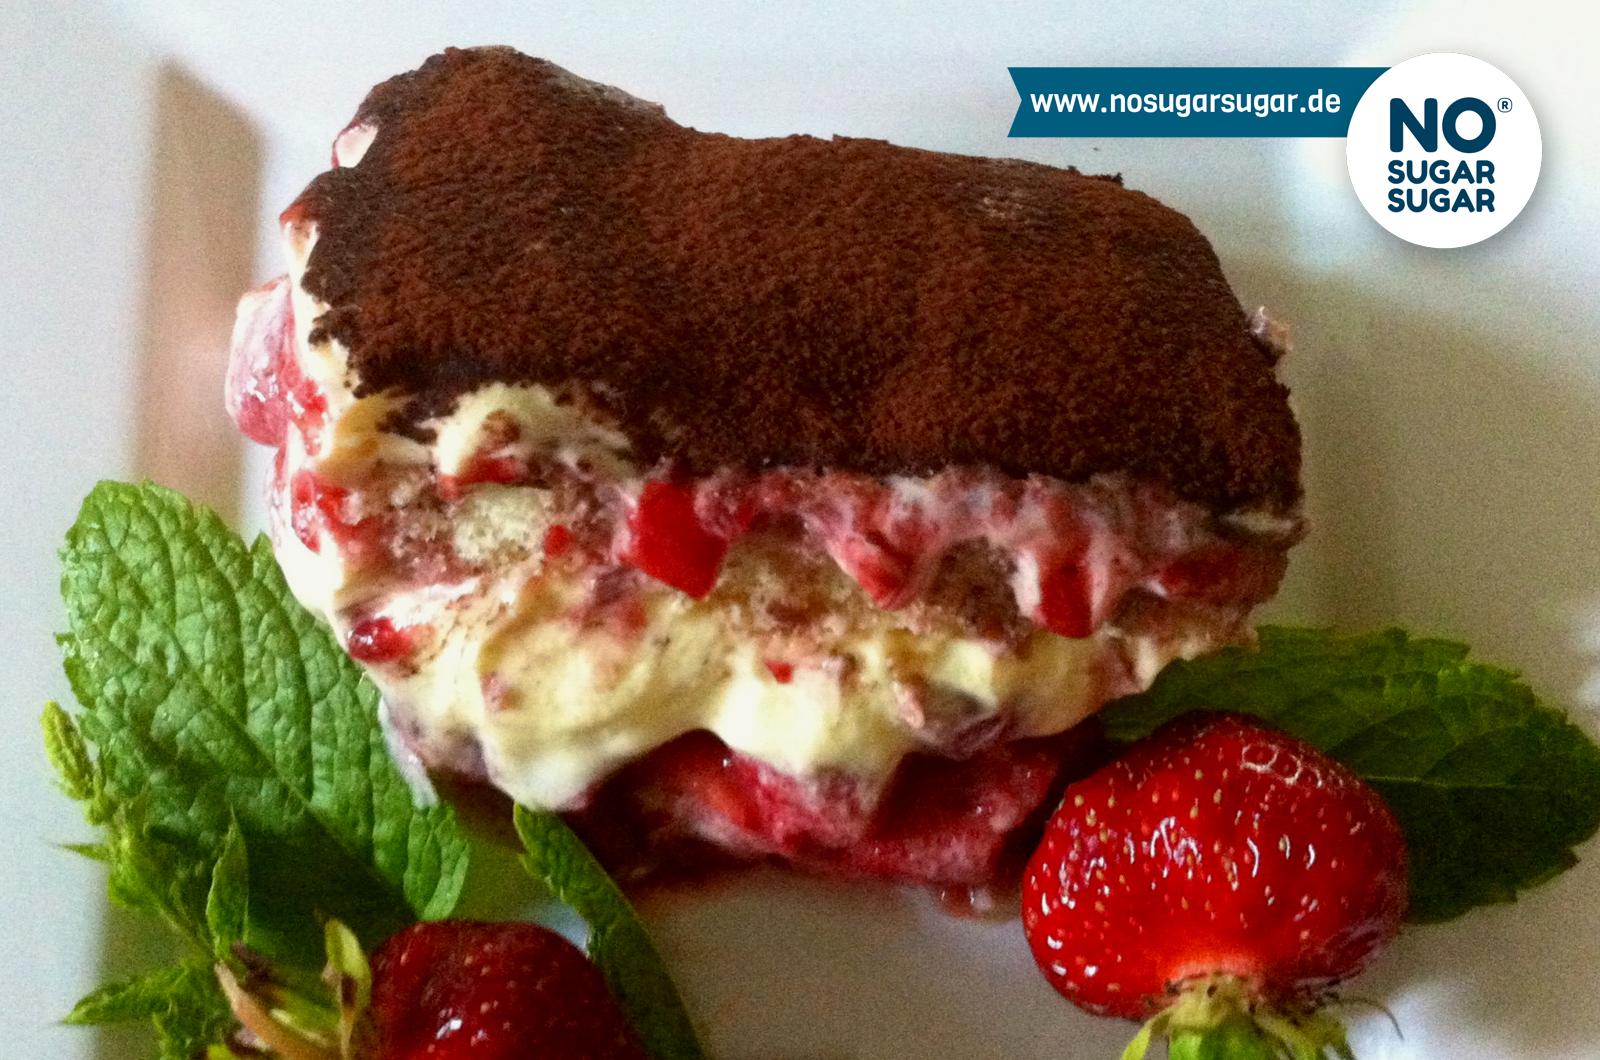 Erdbeer-Tiramisu_web